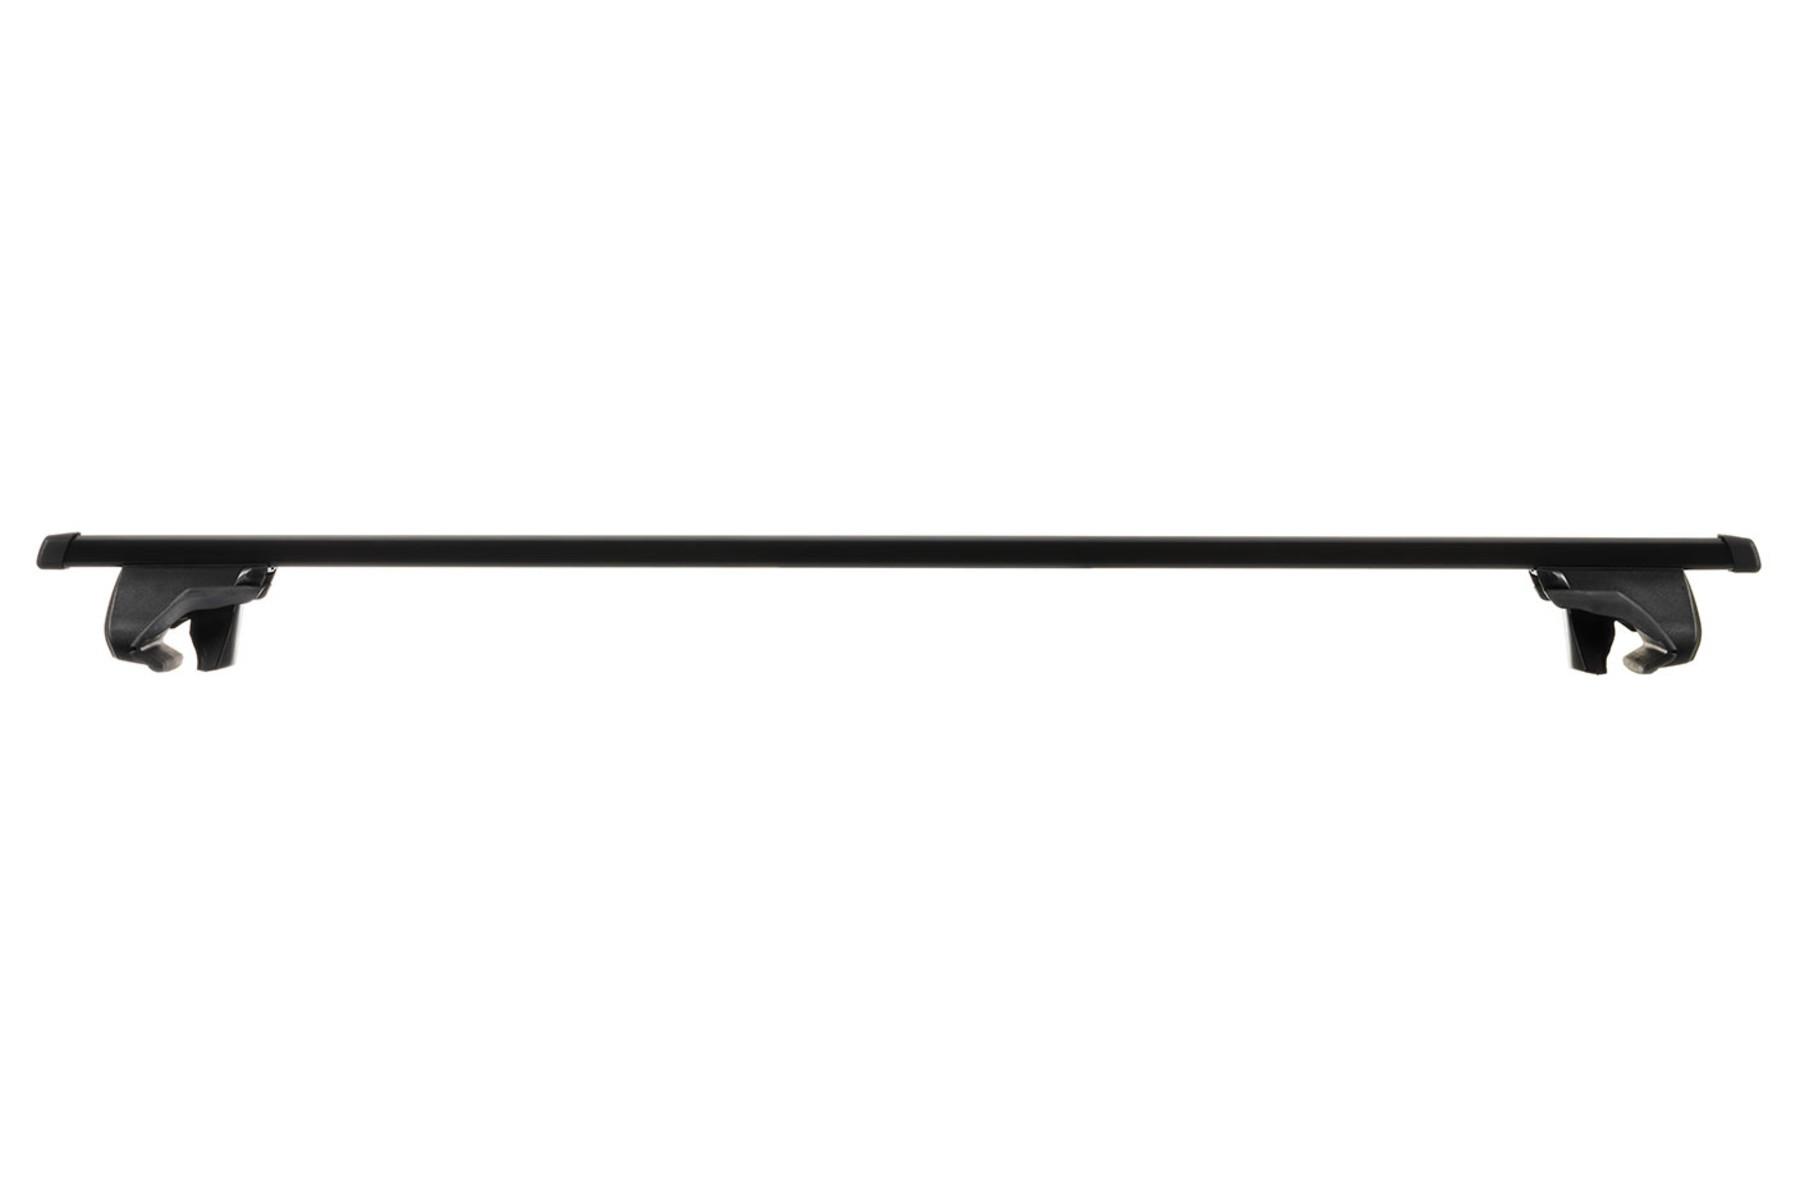 Rack Completo Thule Smart SquareBar 127cm p/ Longarina (785)